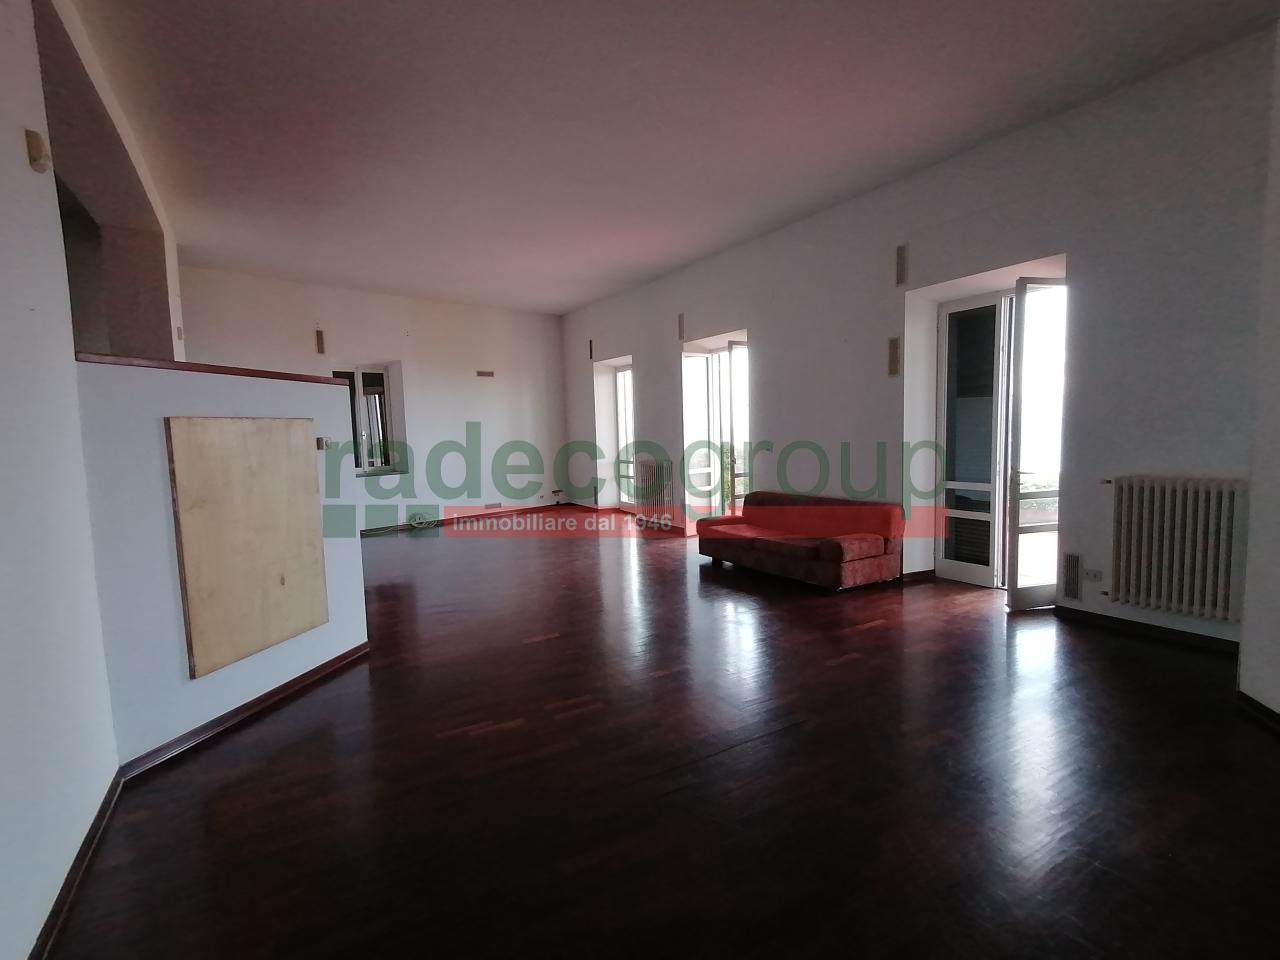 Appartamento - Antignano, Livorno (10/16)